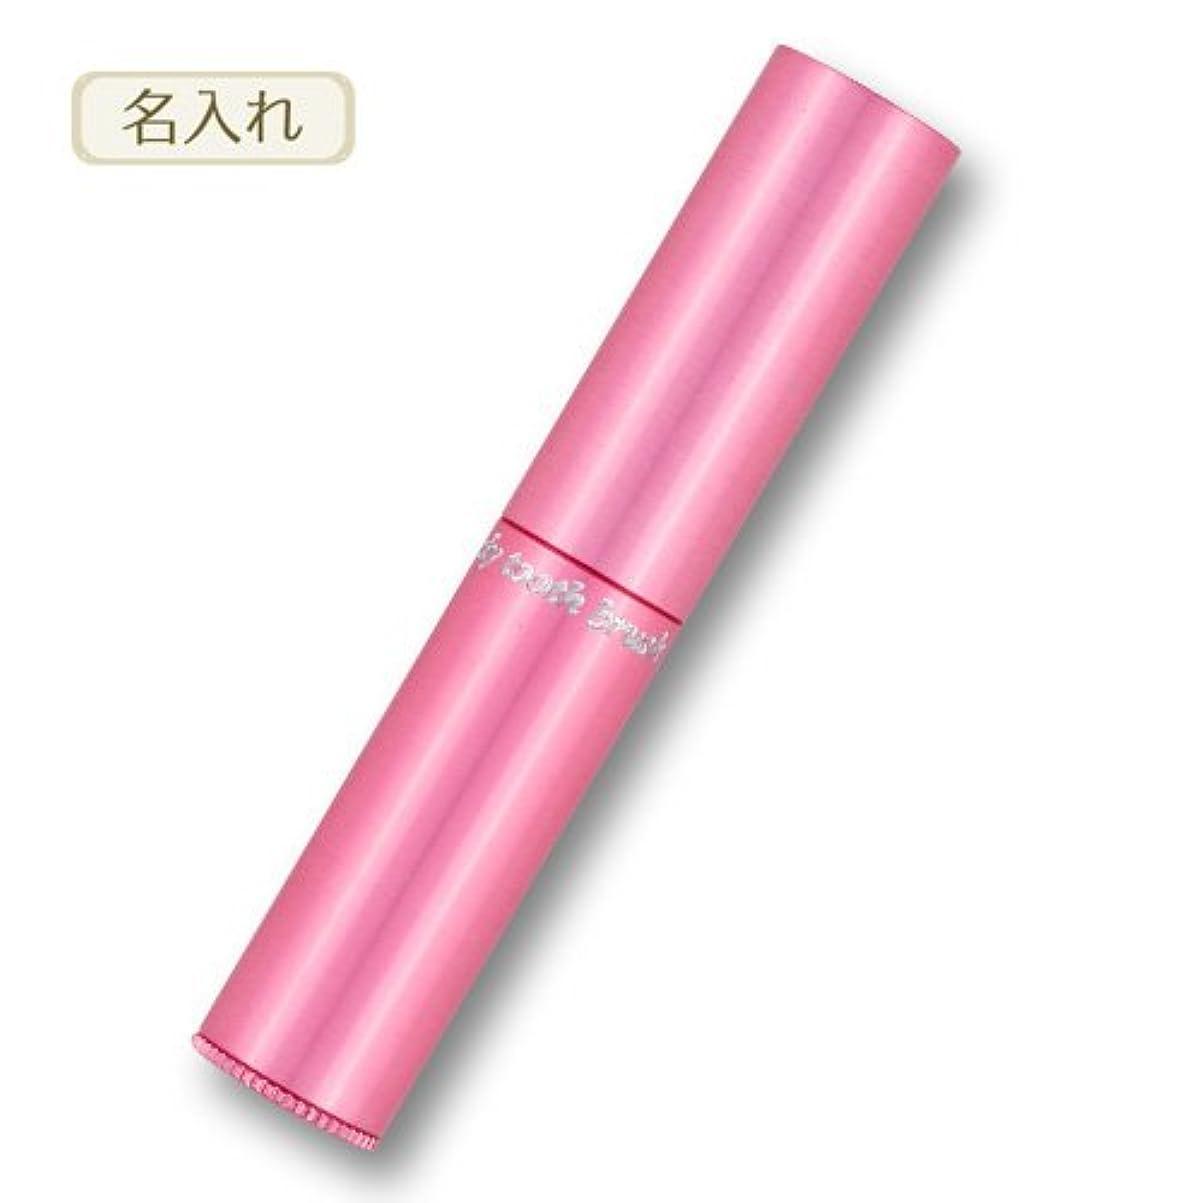 携帯歯ブラシ?タベタラmigaCO(ピンク?ネーム入り)